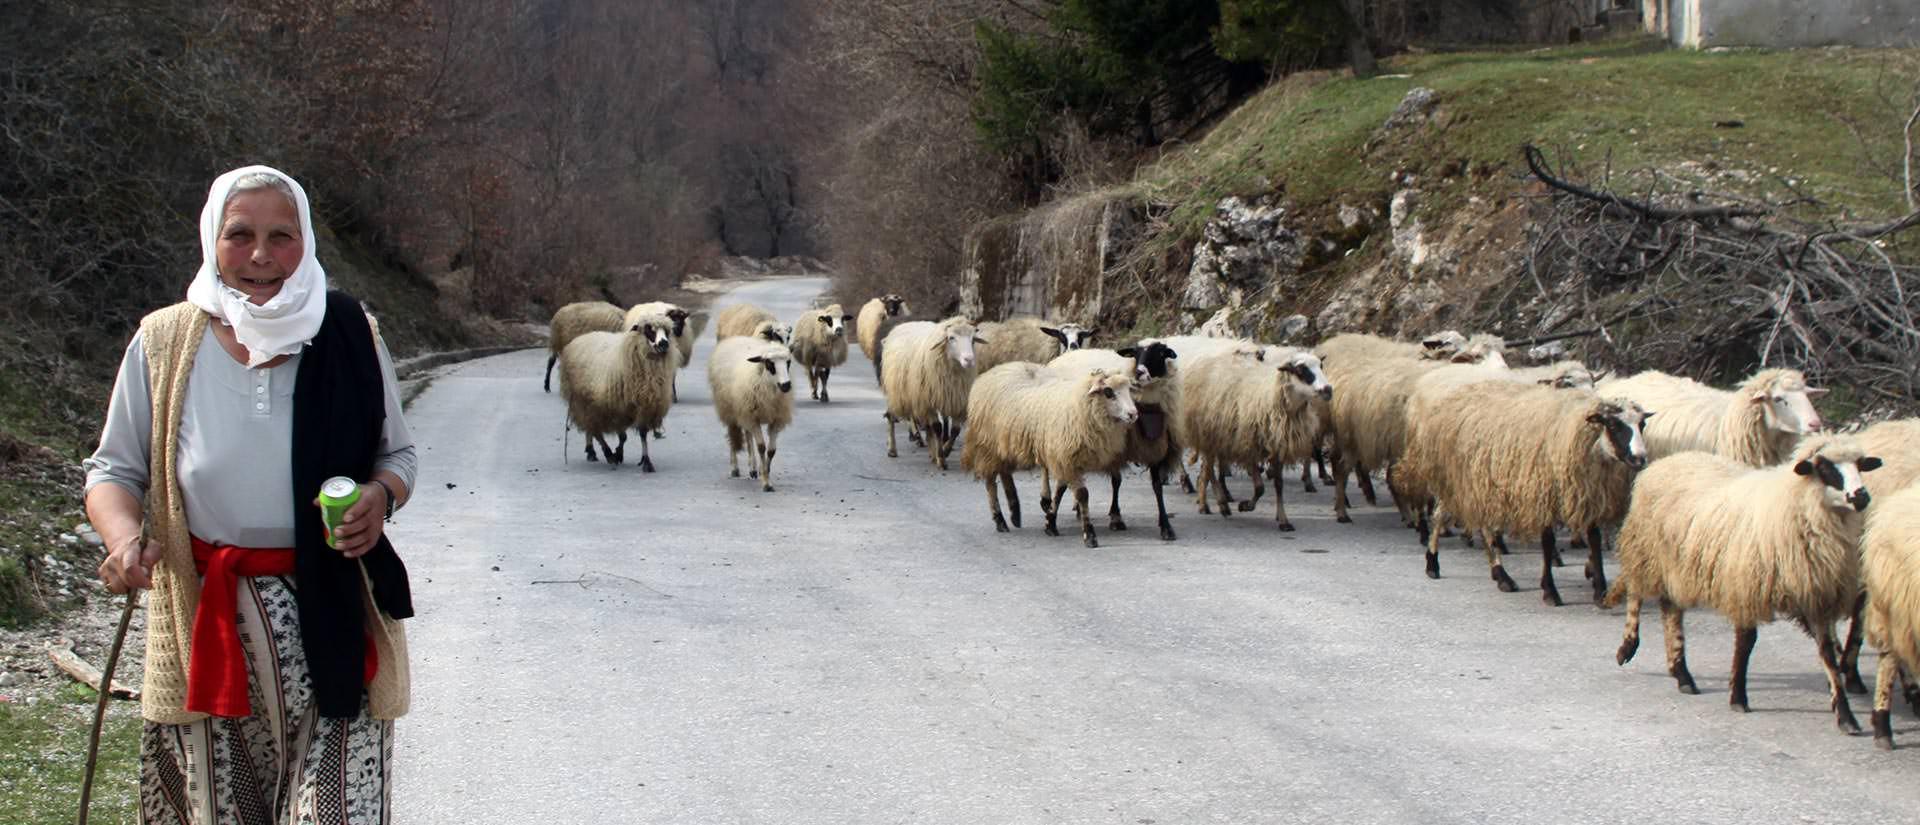 מונטנגרו, חבל הבלקן - טיולים מאורגנים לחבל הבלקן